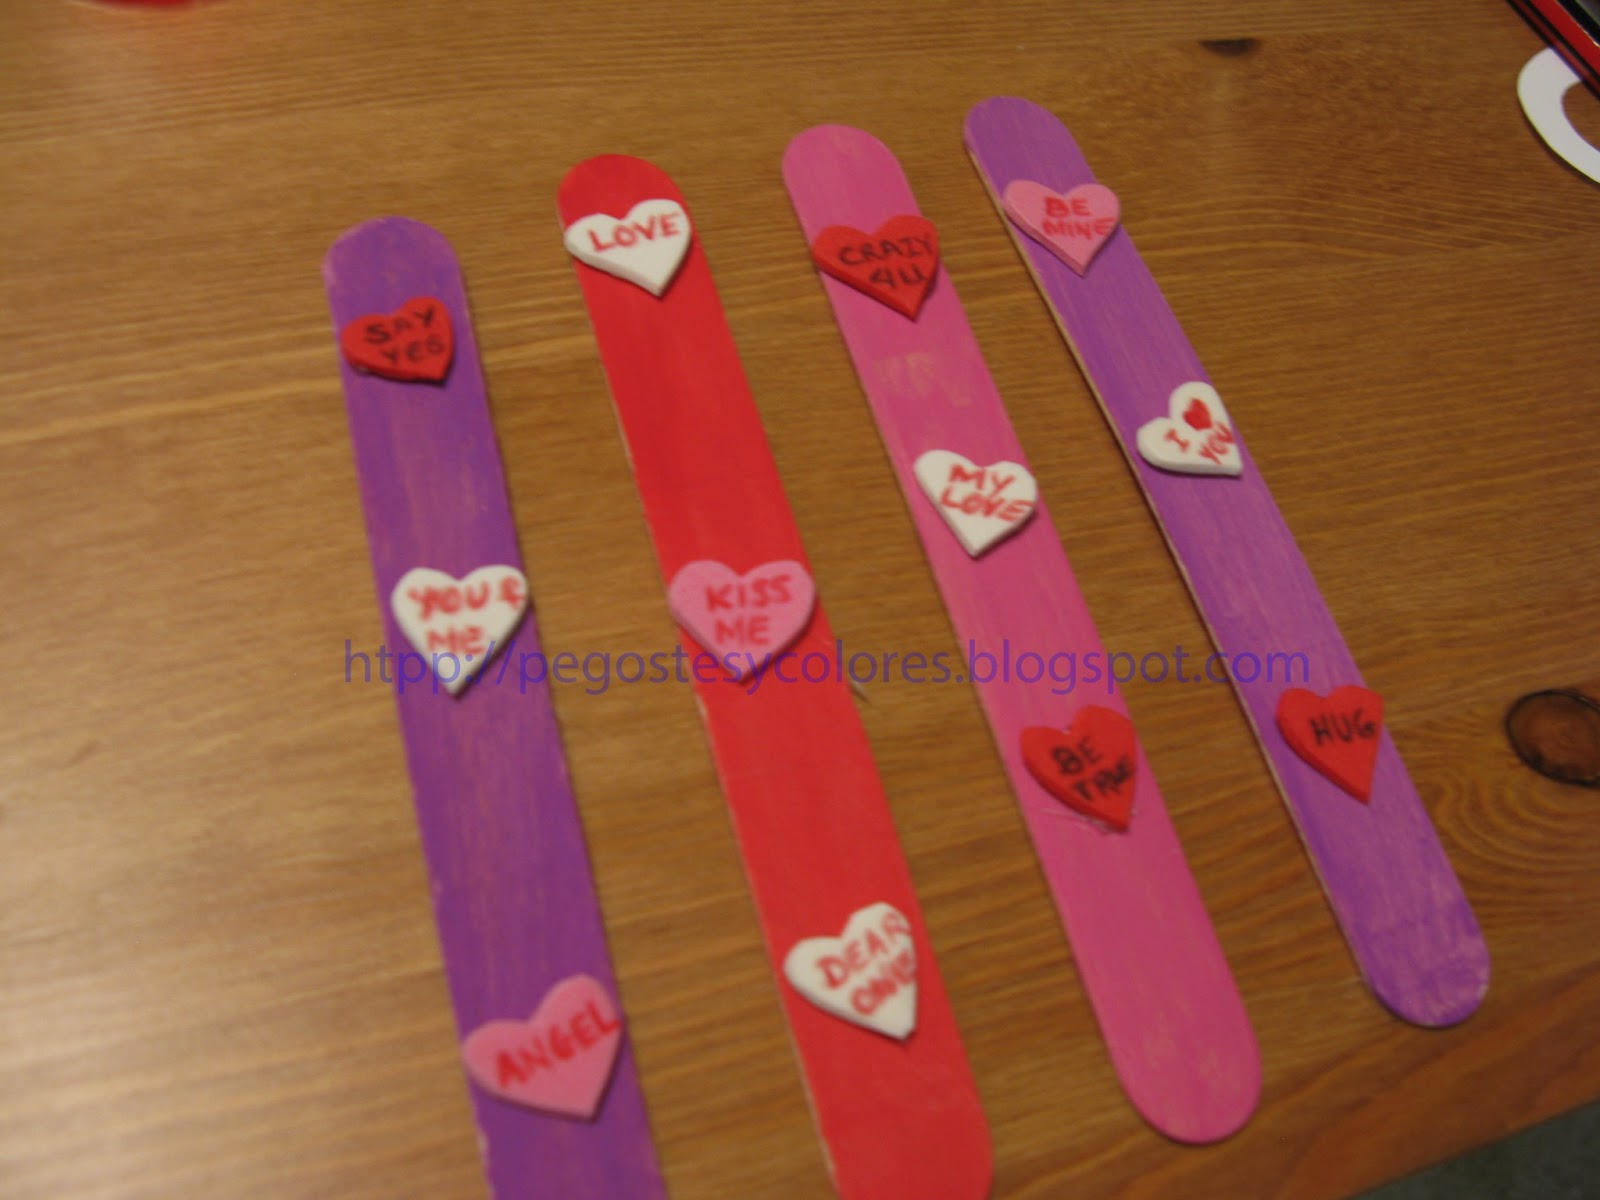 Pegostes y Colores: Separadores de Libros de San Valentin con ...